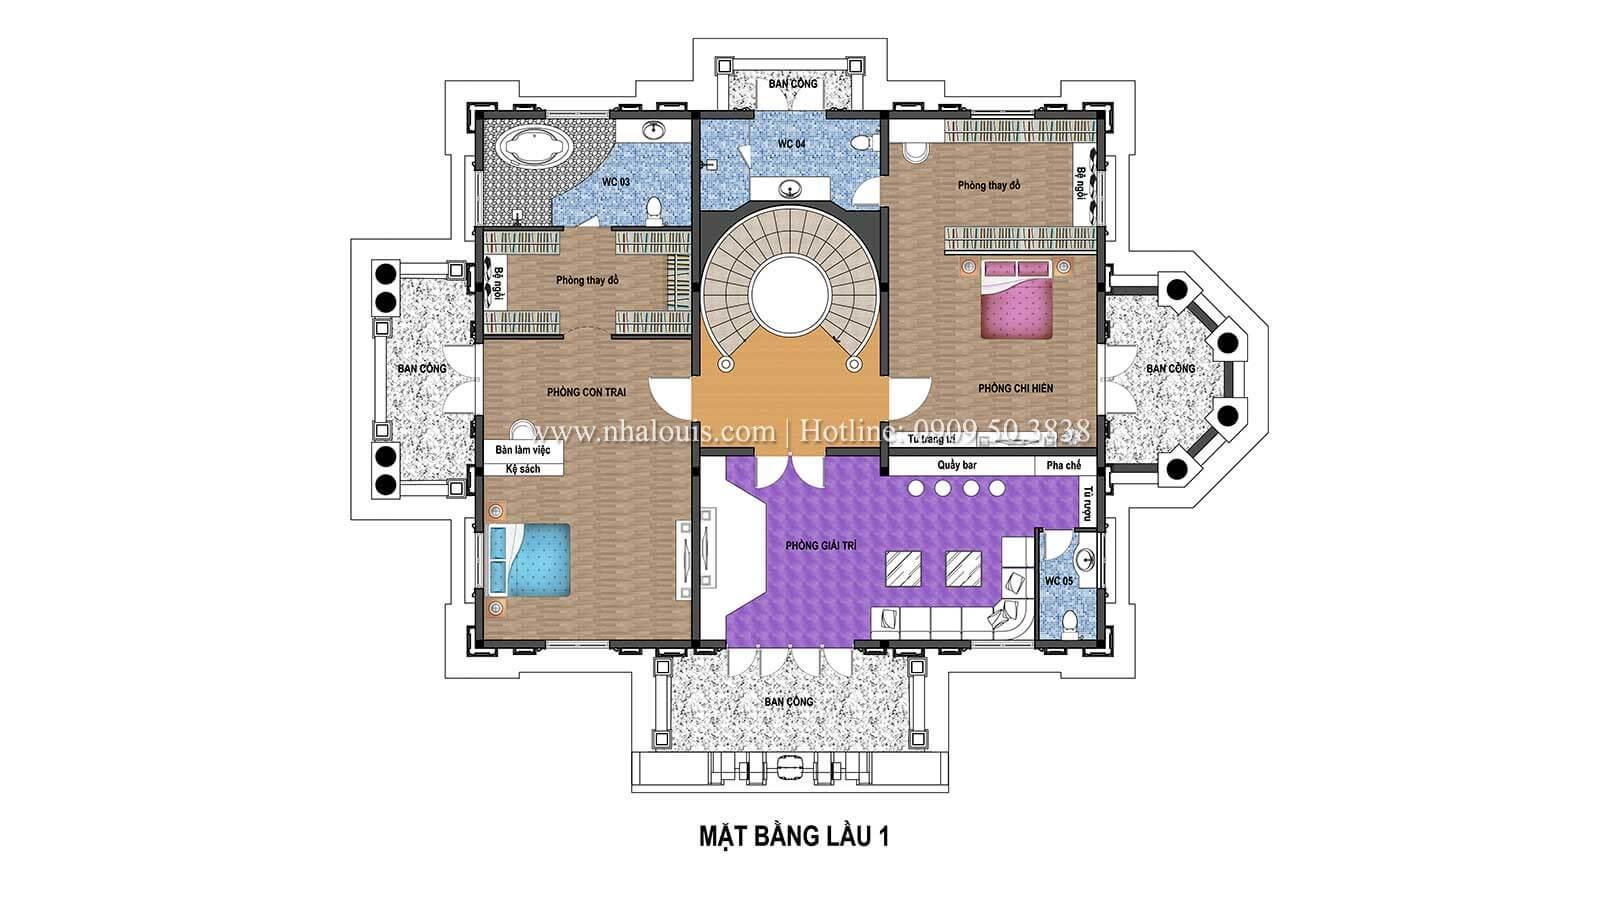 Mặt bằng tầng 1 Biệt thự châu Âu cổ điển chuẩn đẳng cấp tại Kiên Giang - 07